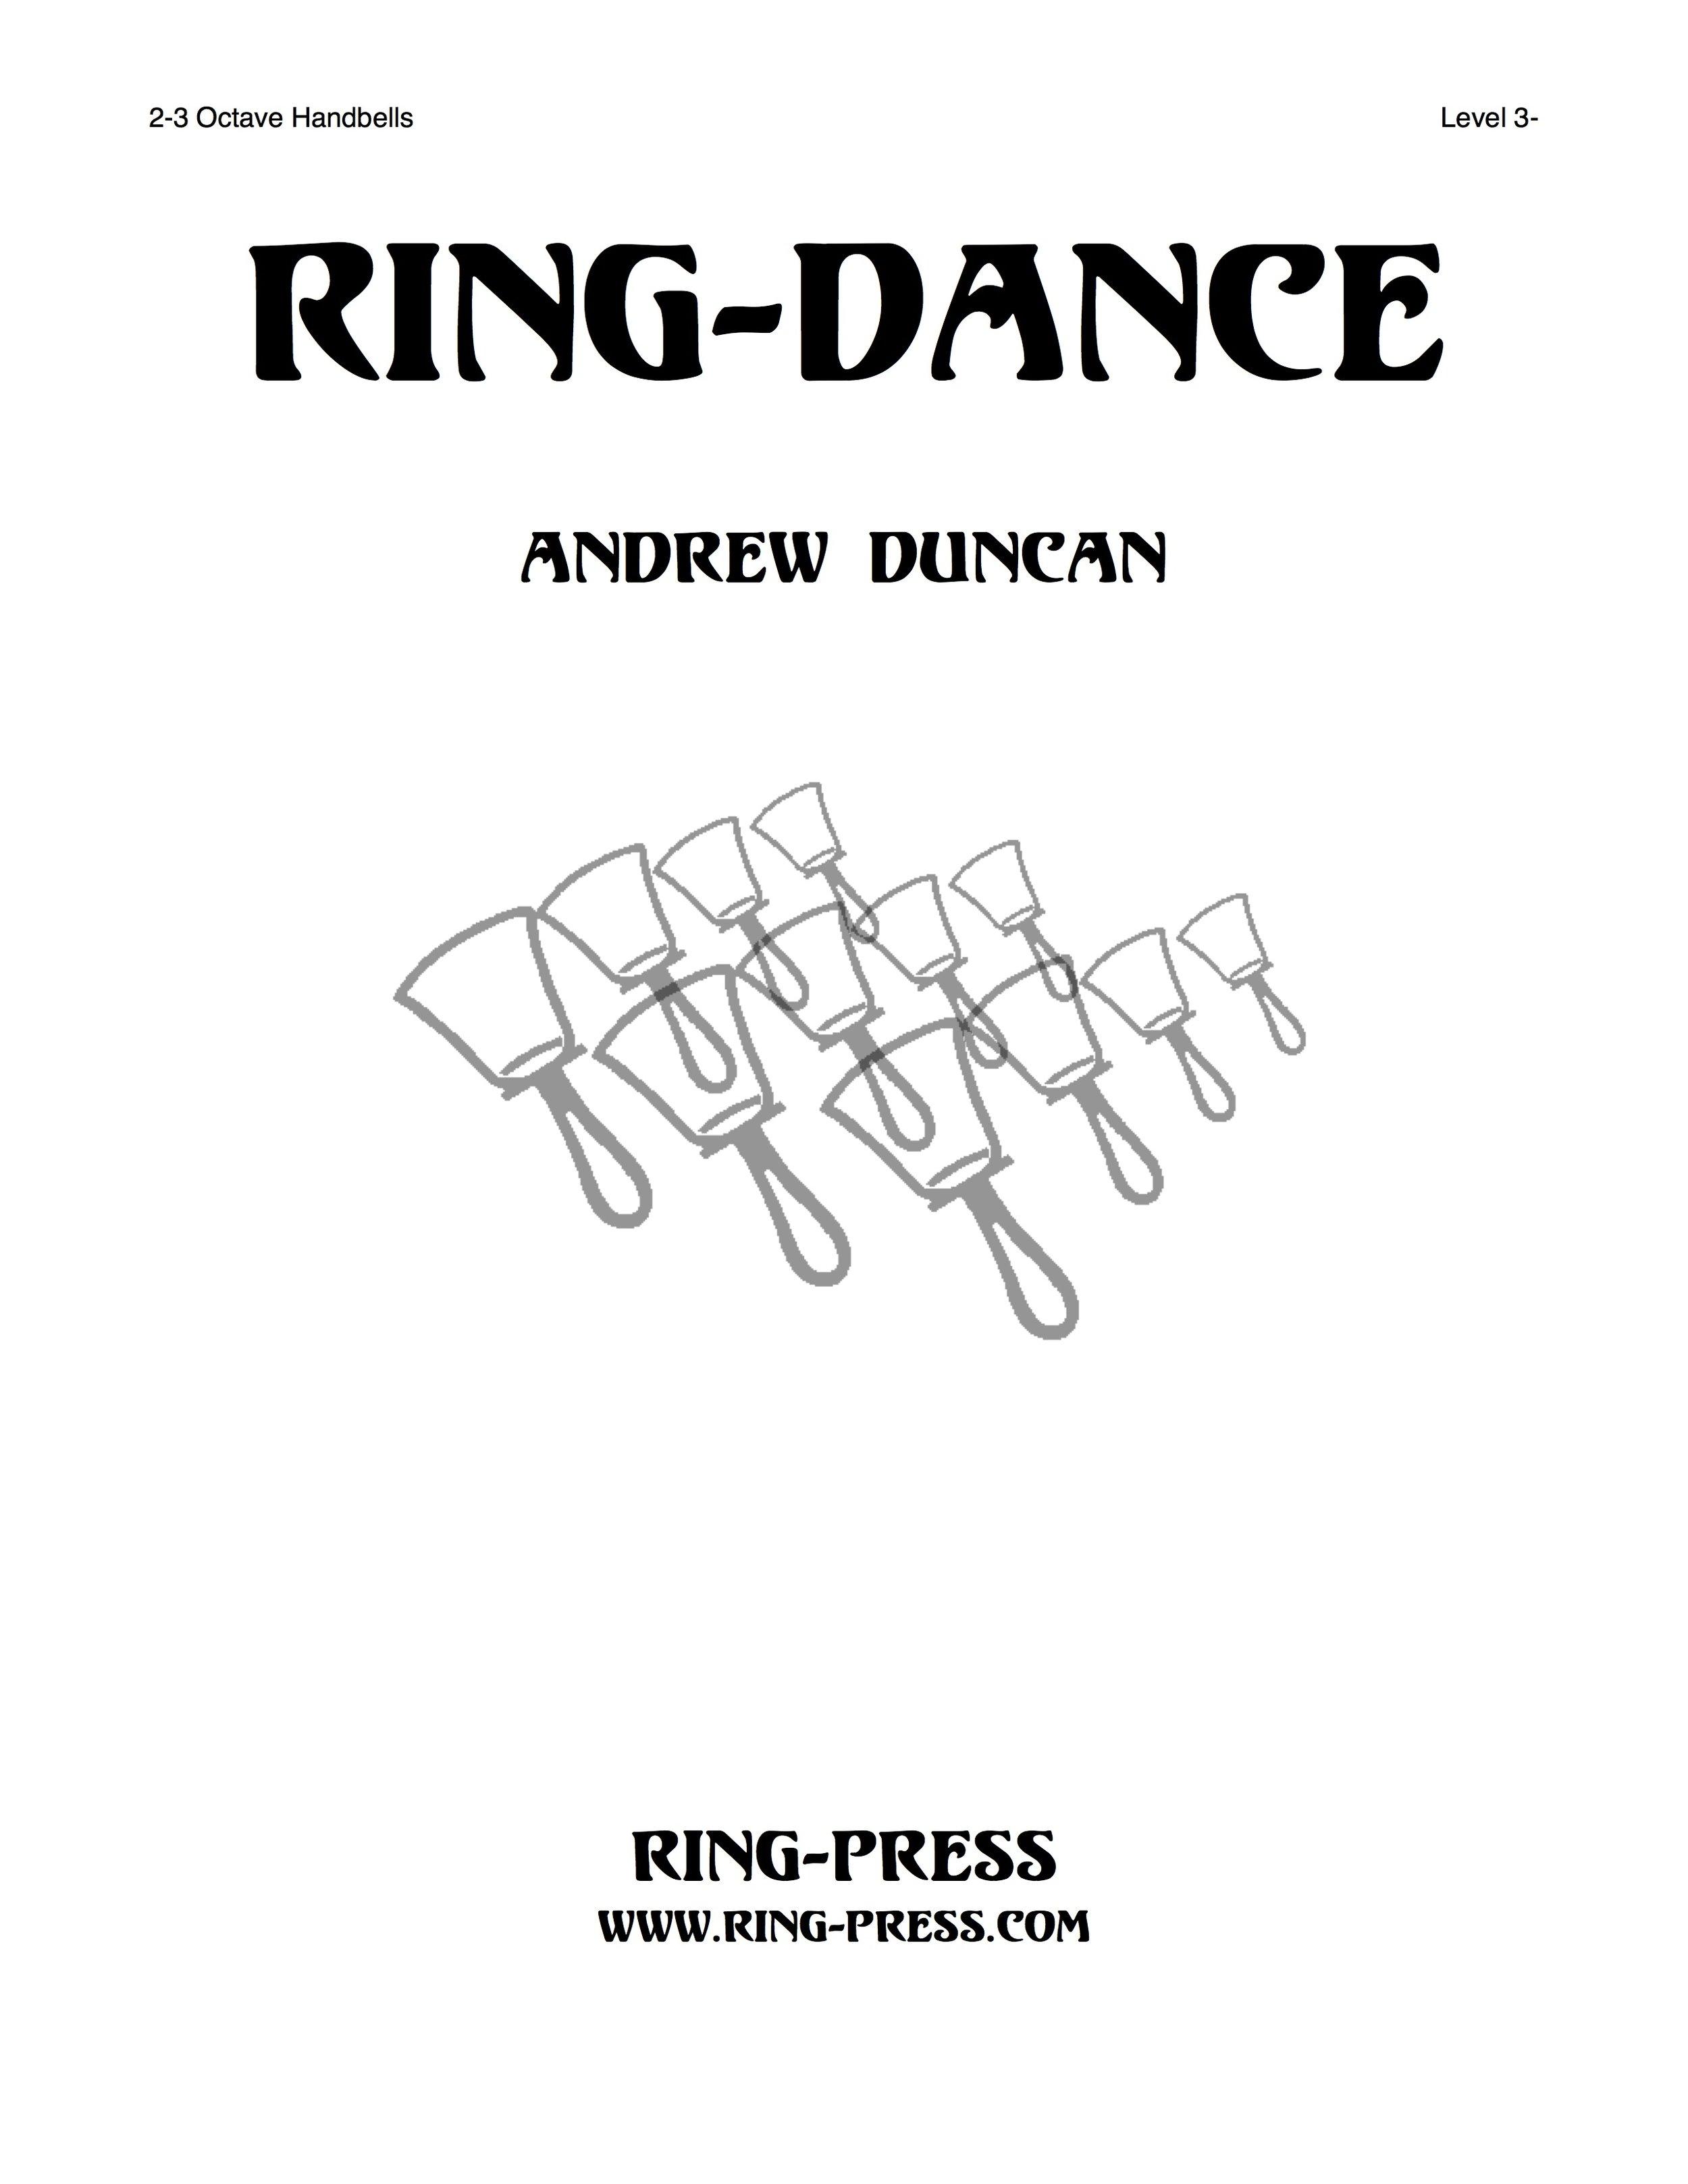 Ring-Press Handbell Music